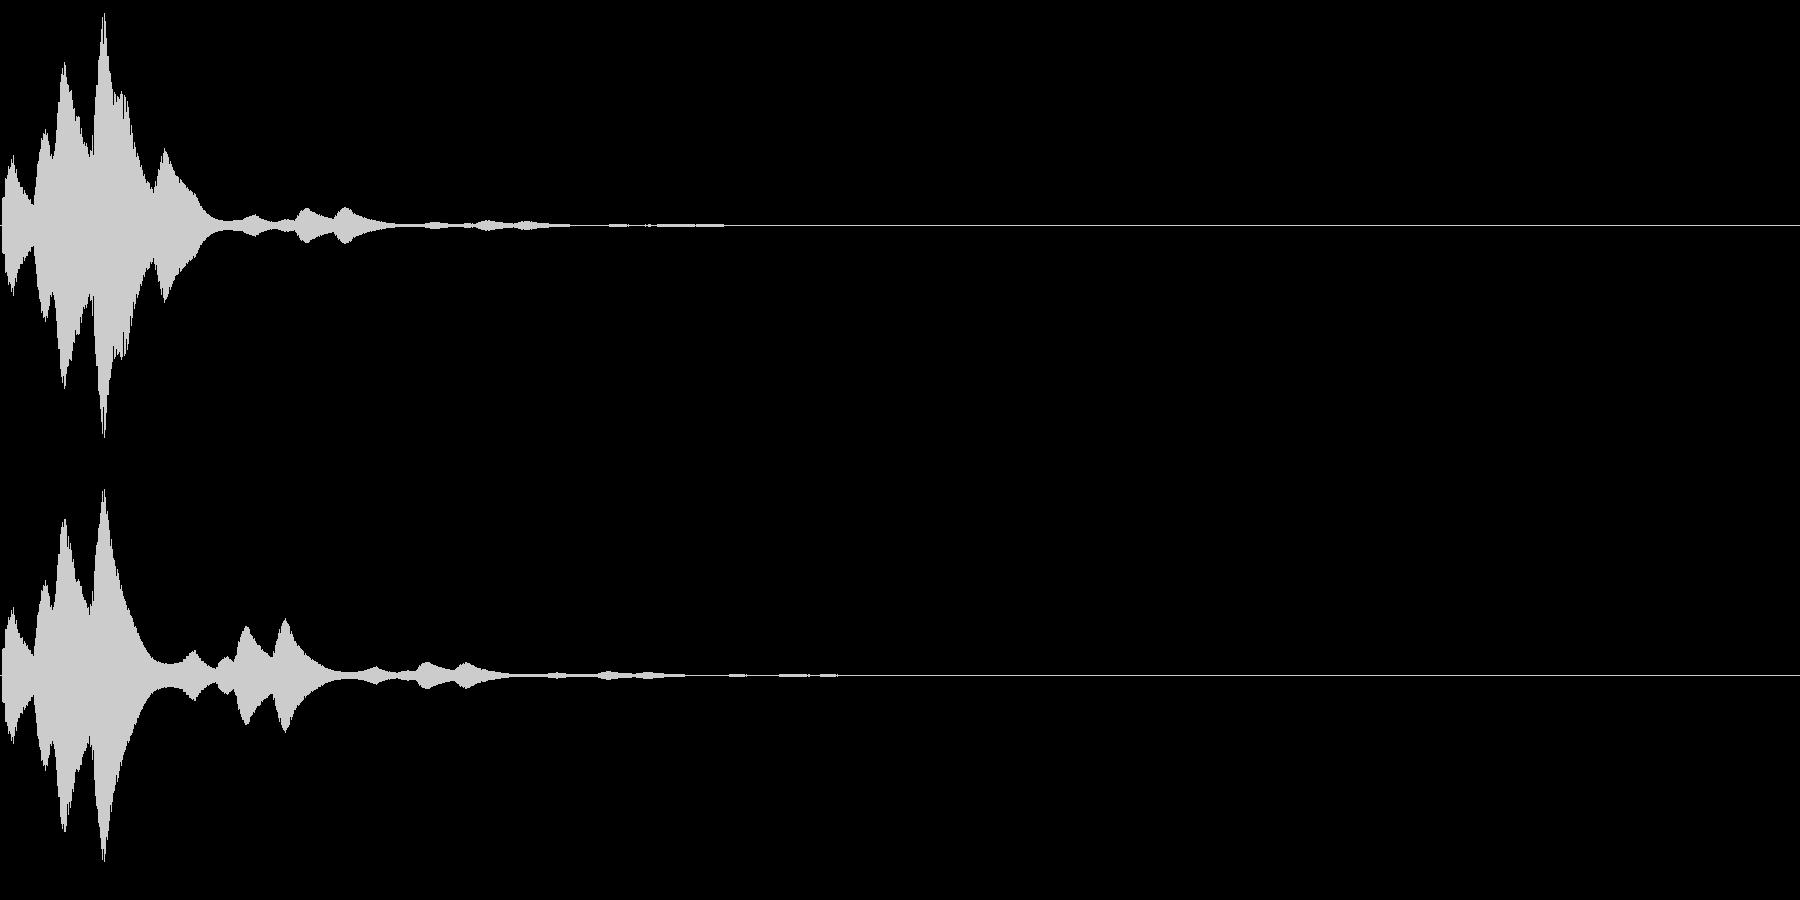 ピロリン(論題・題目・トピック音)の未再生の波形